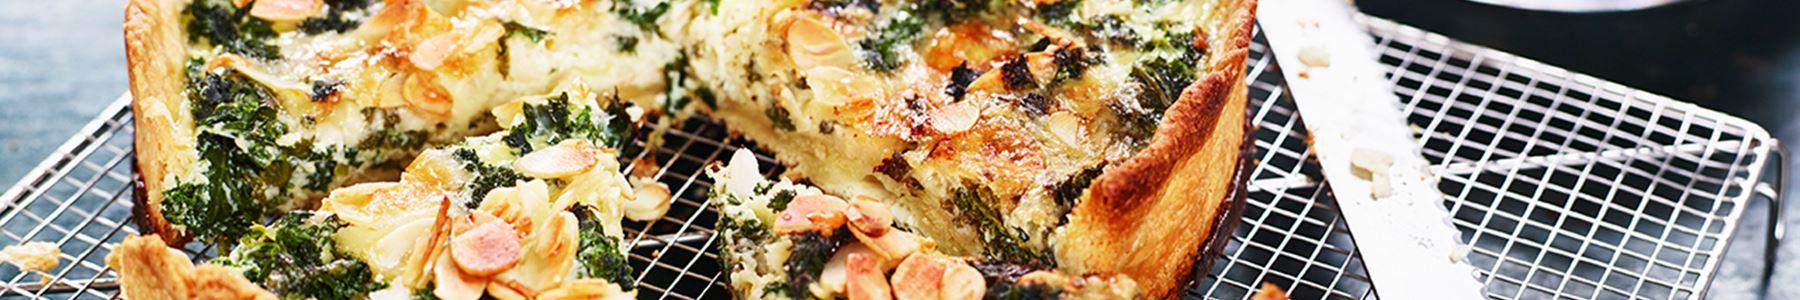 Grönsaker + Jul + Middag